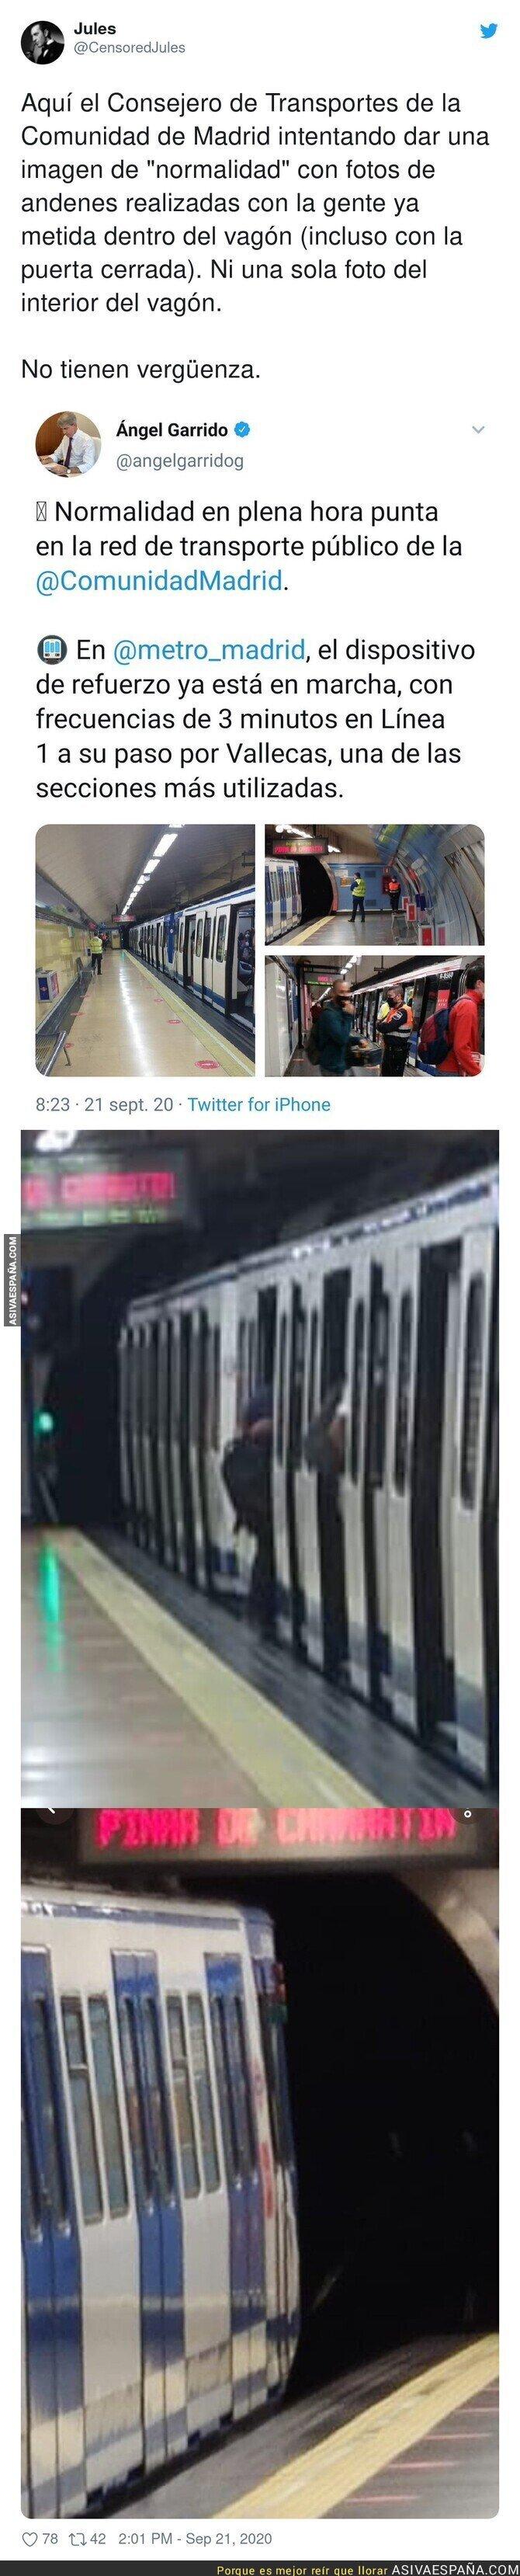 377724 - La manipulación extrema del Consejero de Transportes de la Comunidad de Madrid subiendo estas imágenes